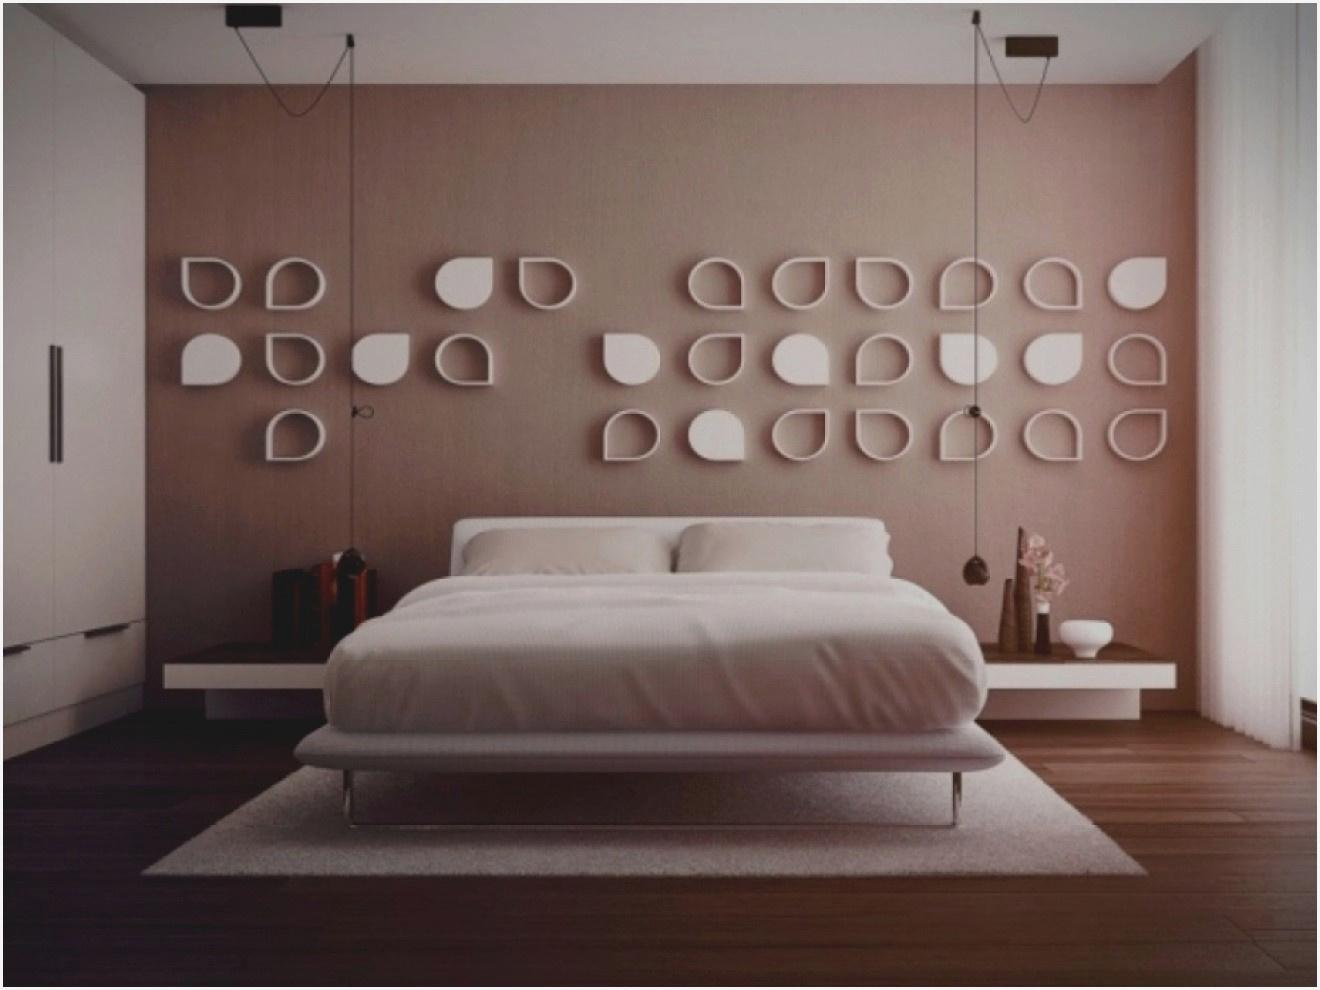 Full Size of Wanddekoration Schlafzimmer Selber Machen Wanddeko Bilder Holz Kommode Weiß Komplettes Komplett Massivholz Schrank Stuhl Für Wiemann Komplette Kommoden Wohnzimmer Schlafzimmer Wanddeko